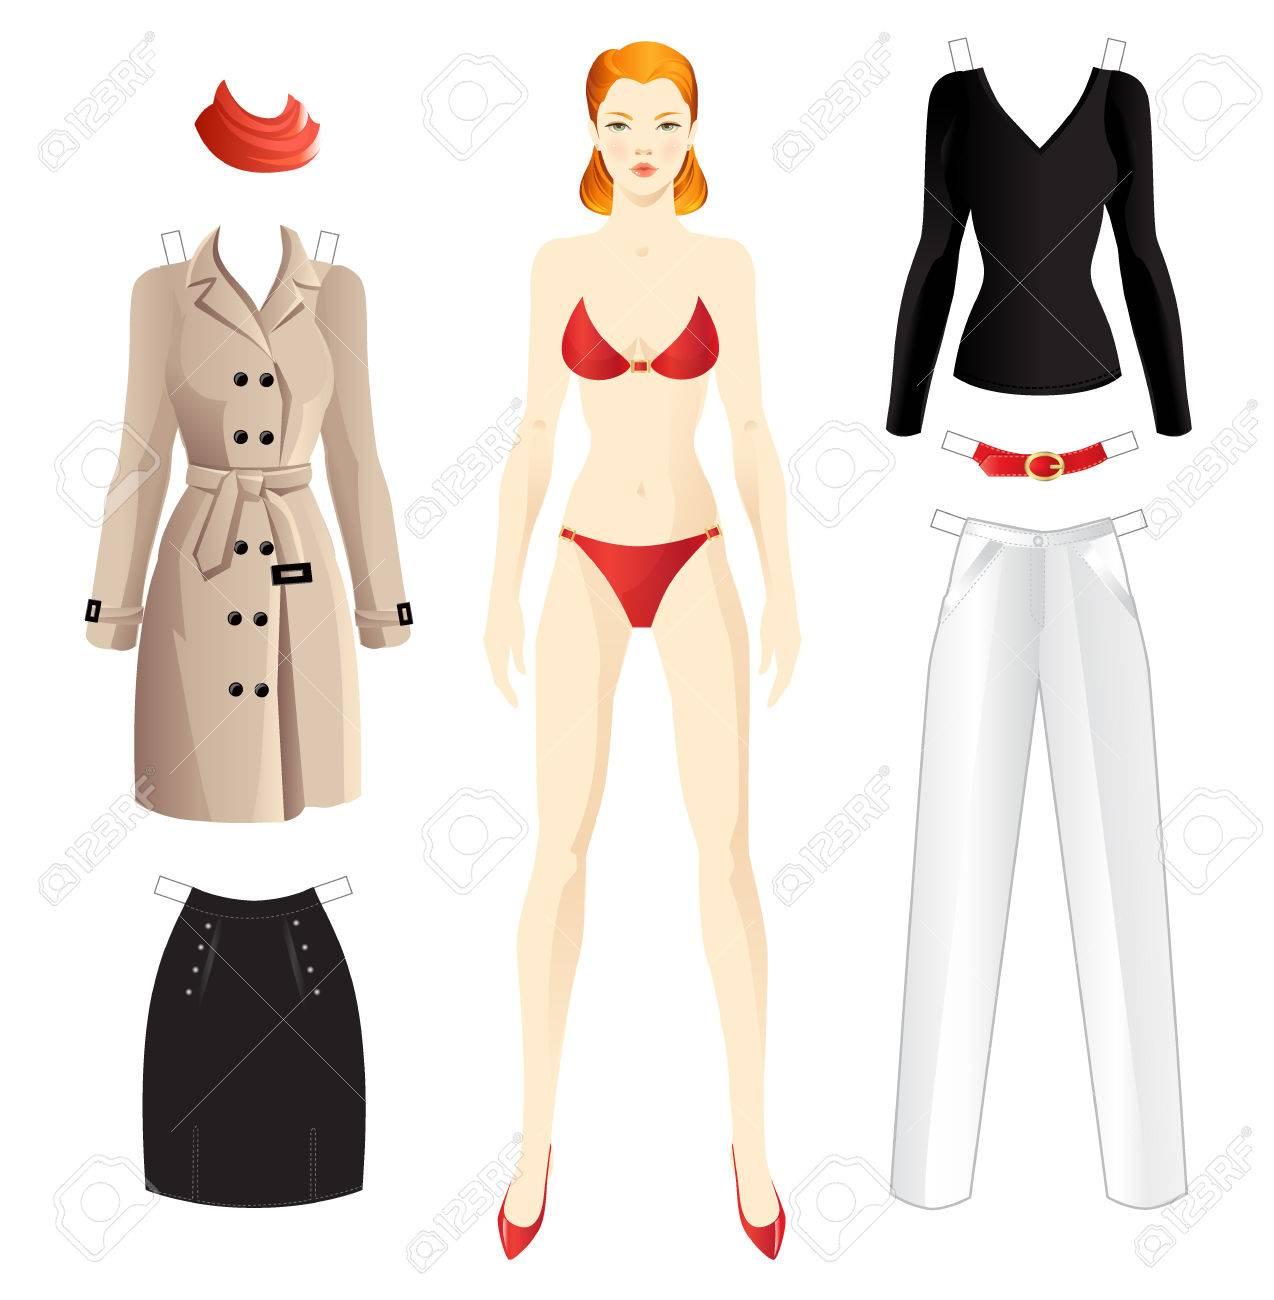 Puppe Mit Kleidung. Körper Vorlage. Kleidung Für Frauen. Set-Vorlage ...